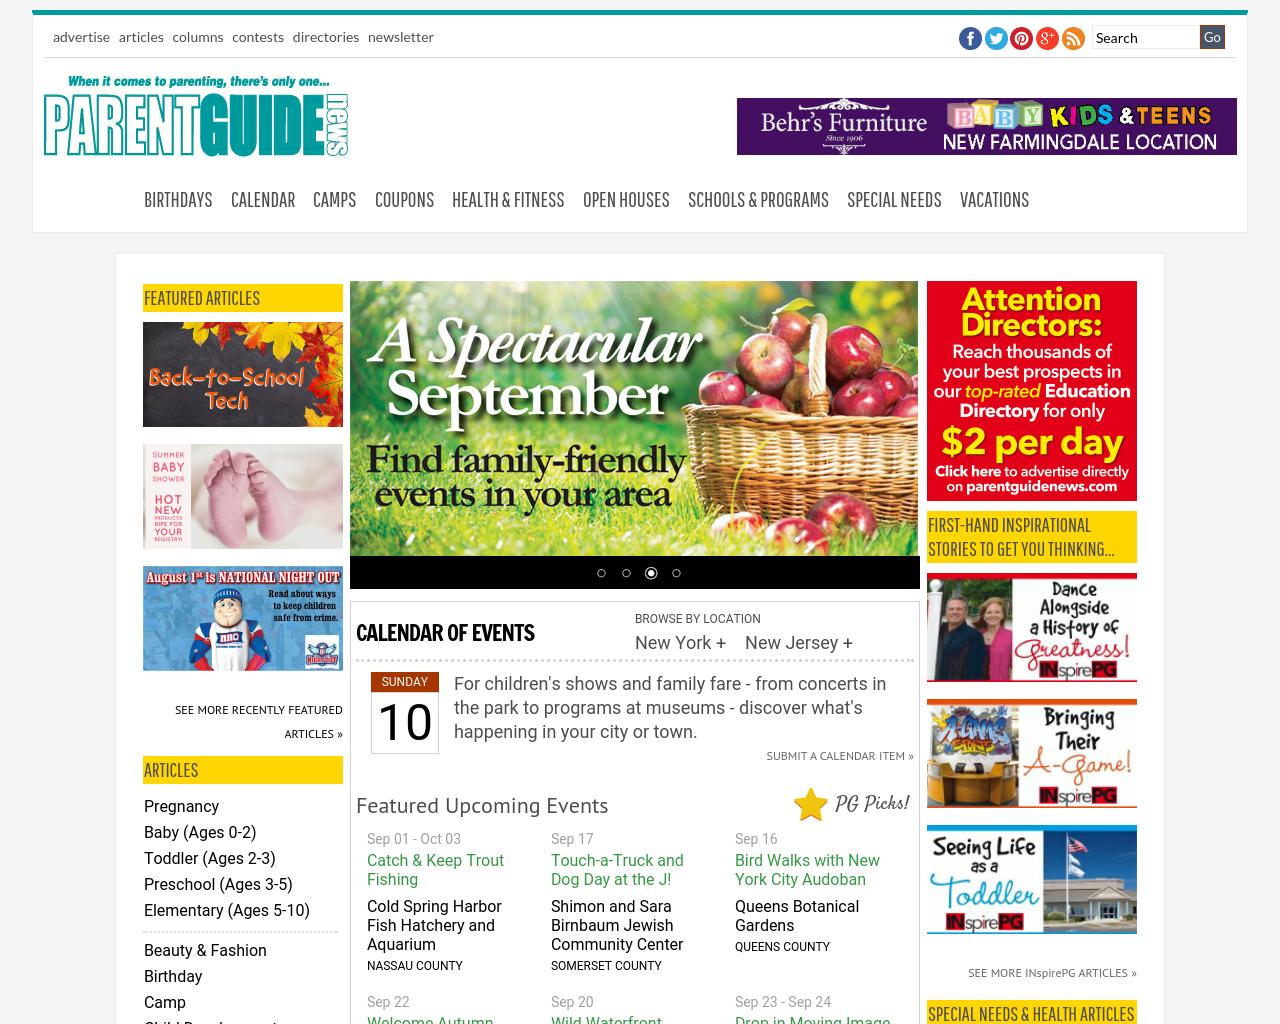 ParentGuideNews.com-Advertising-Reviews-Pricing